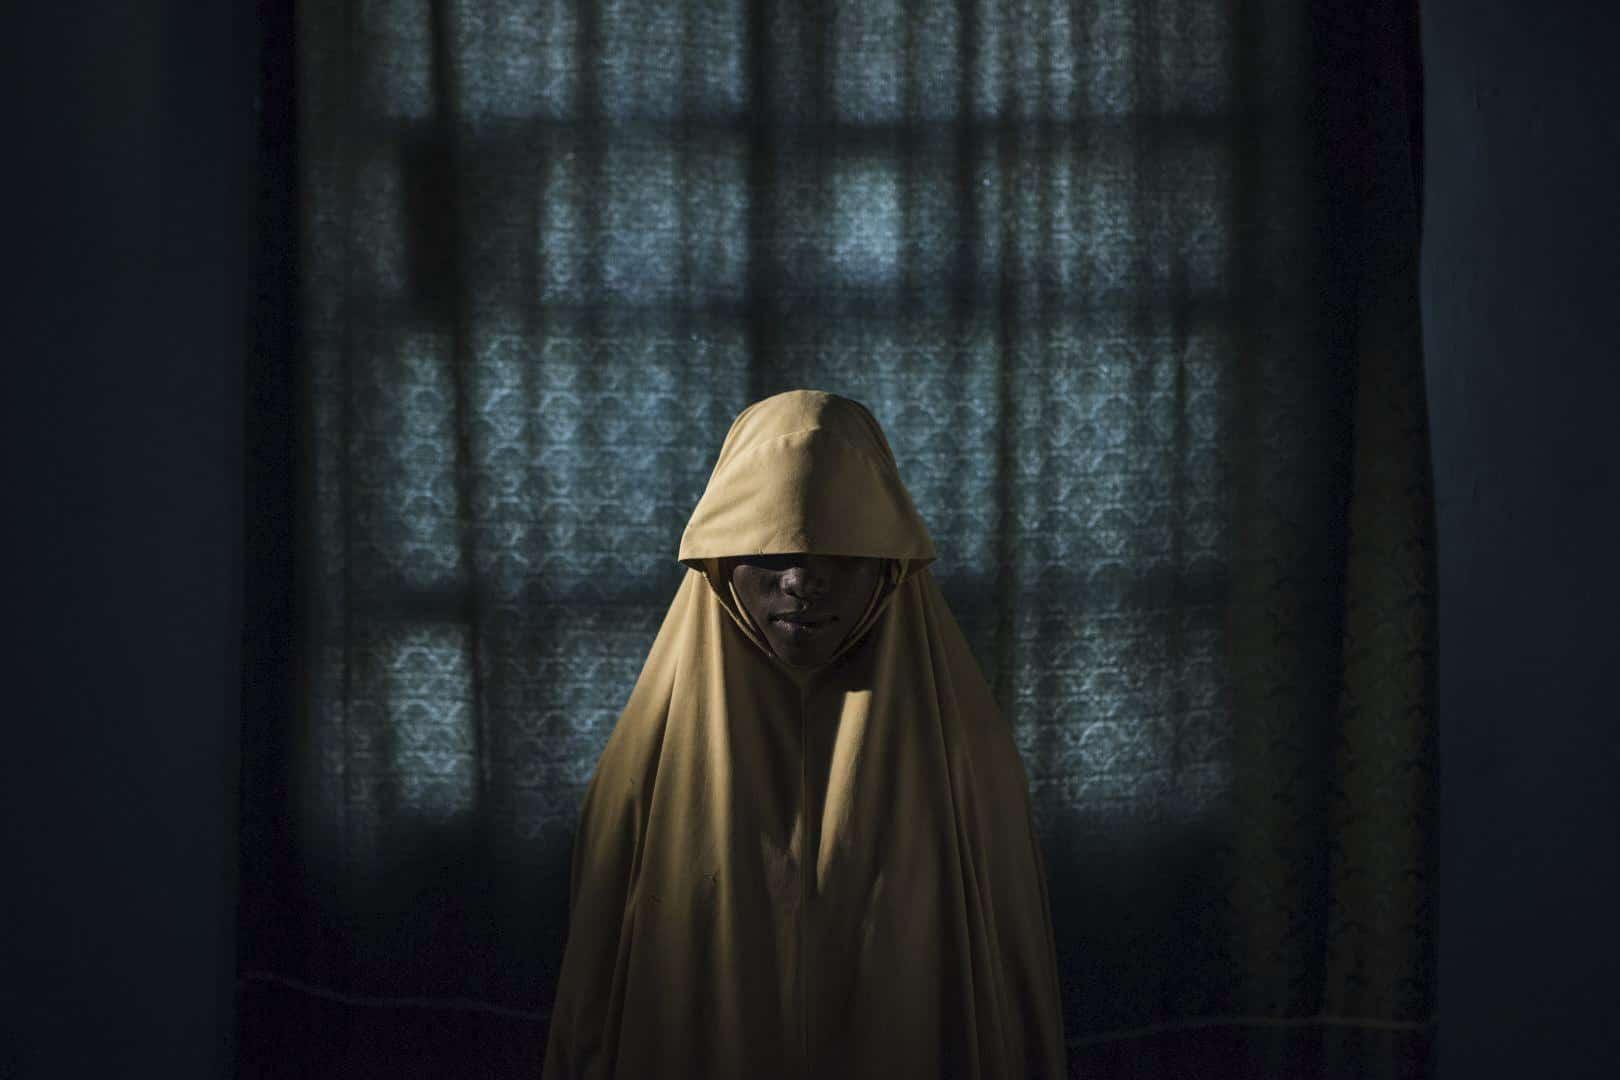 Foto: Adam Ferguson - Ragazza rapita per obbligarla ad un attentato suicida (The New York Times)